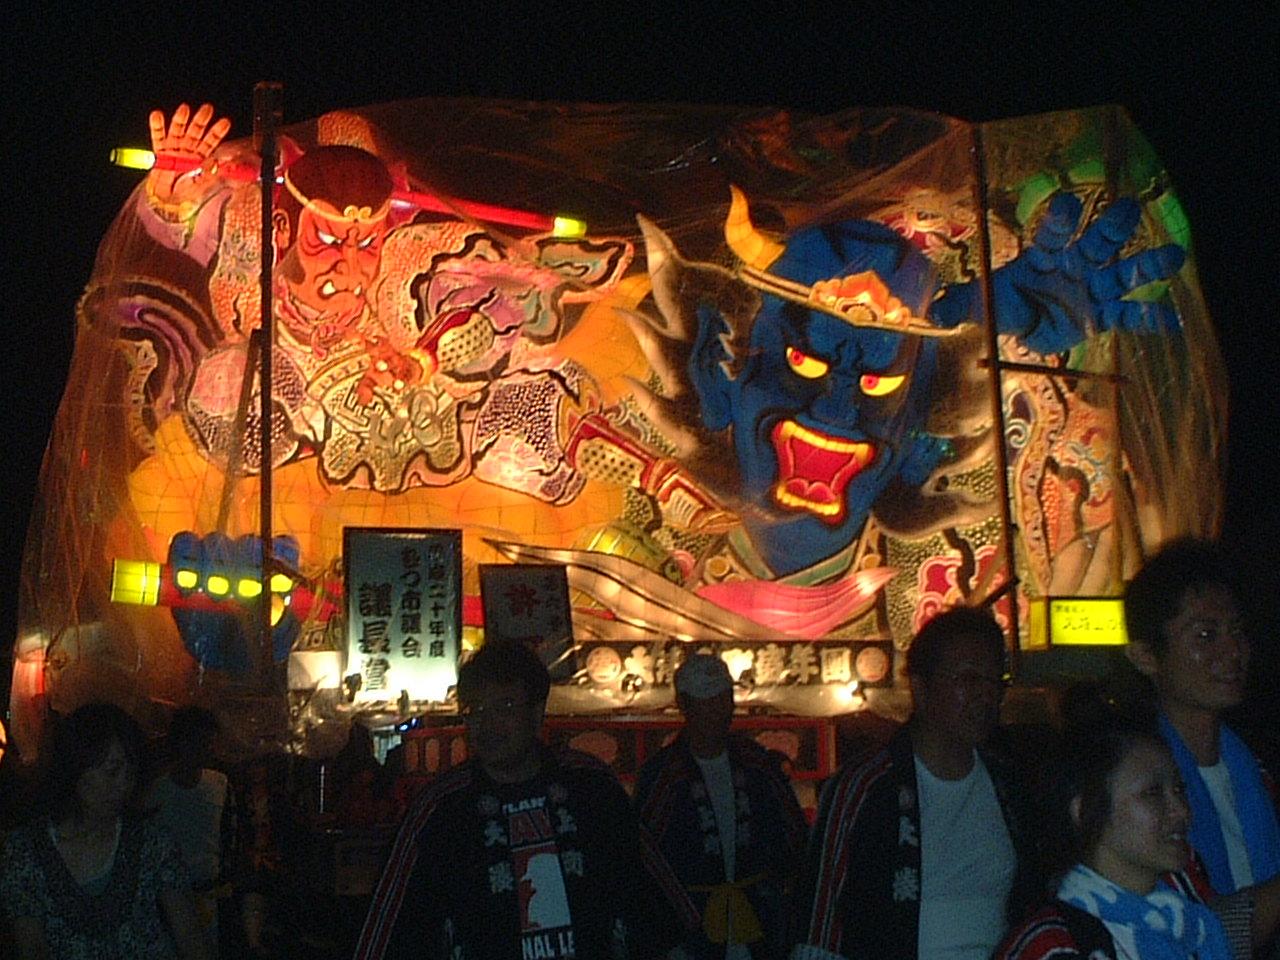 まとめ青森県むつ市「大湊ねぶた祭り」写真まとめ